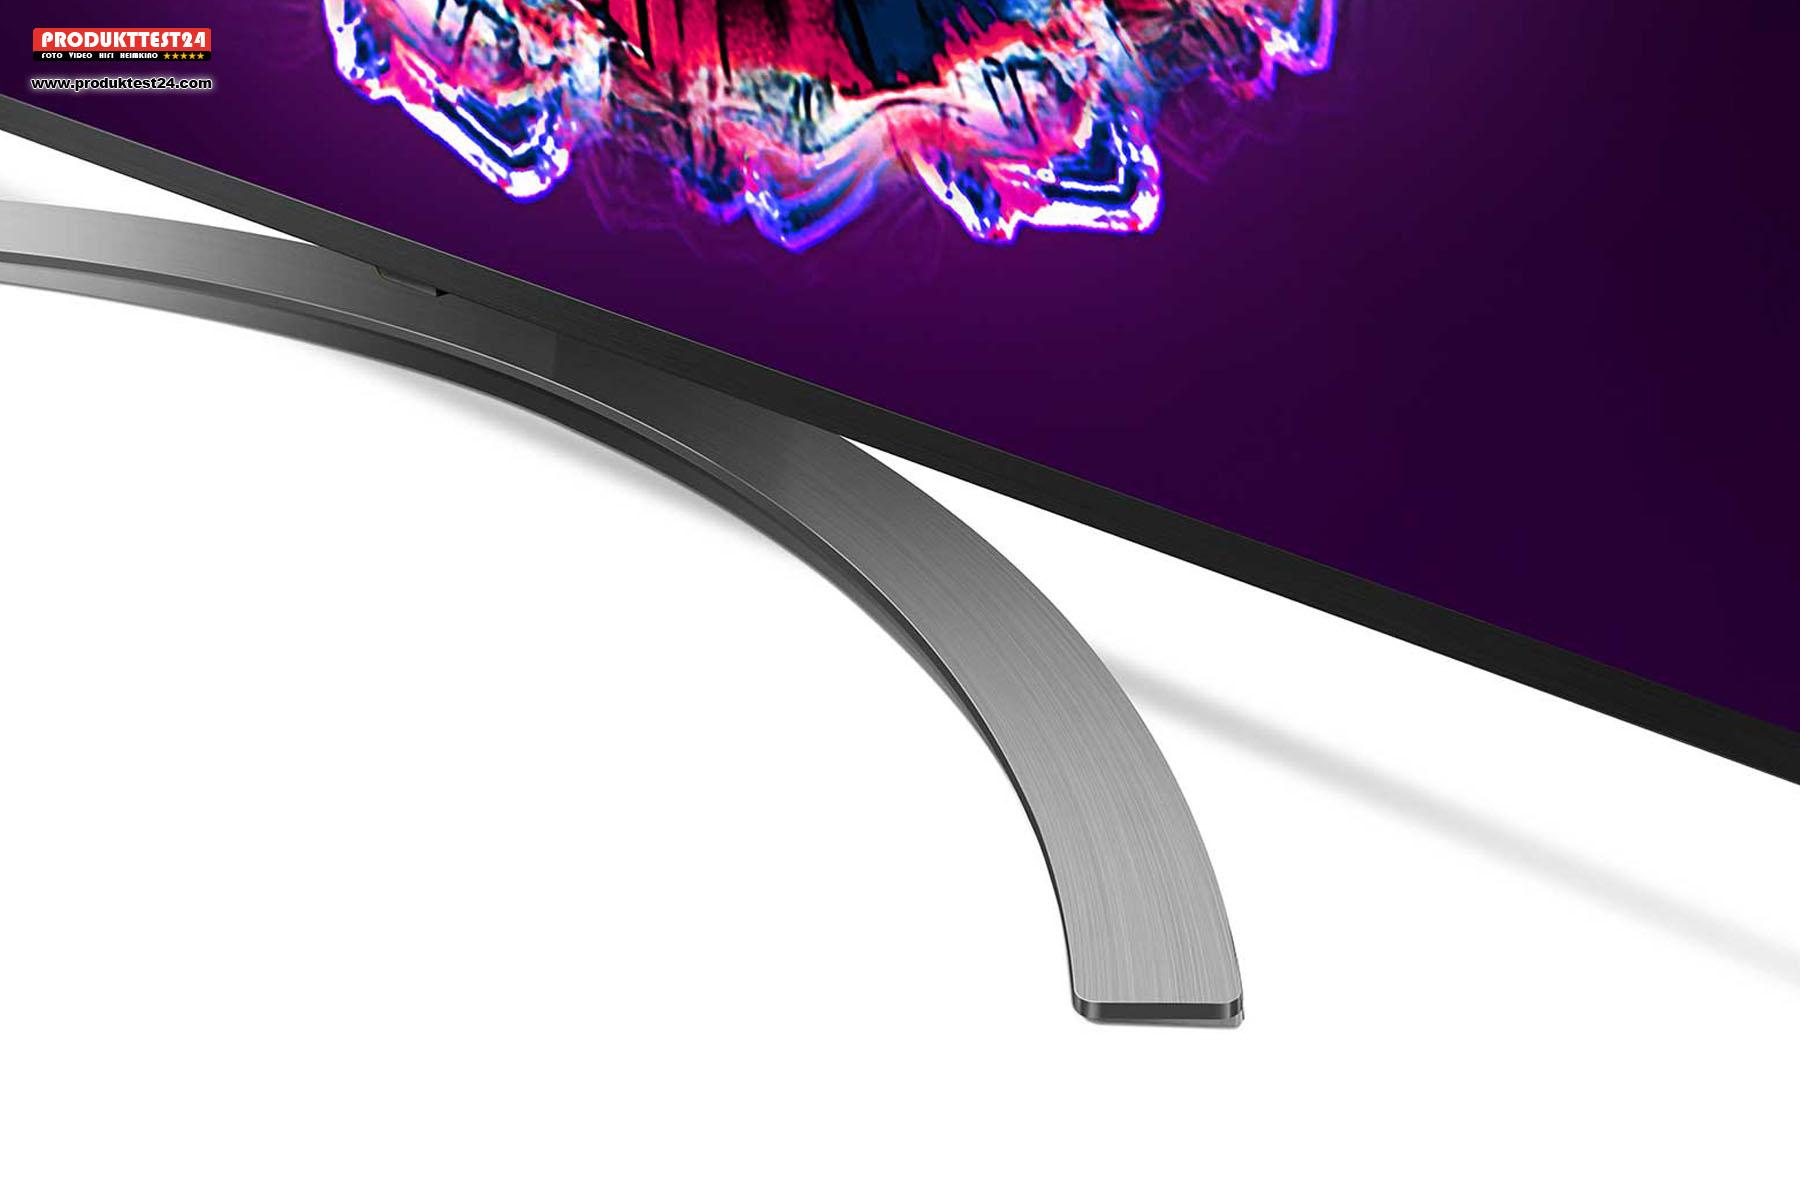 Der halbmondförmige Tischfuß lässt sich gegen eine VESA 300 x 300 Wandhalterung ersetzen.